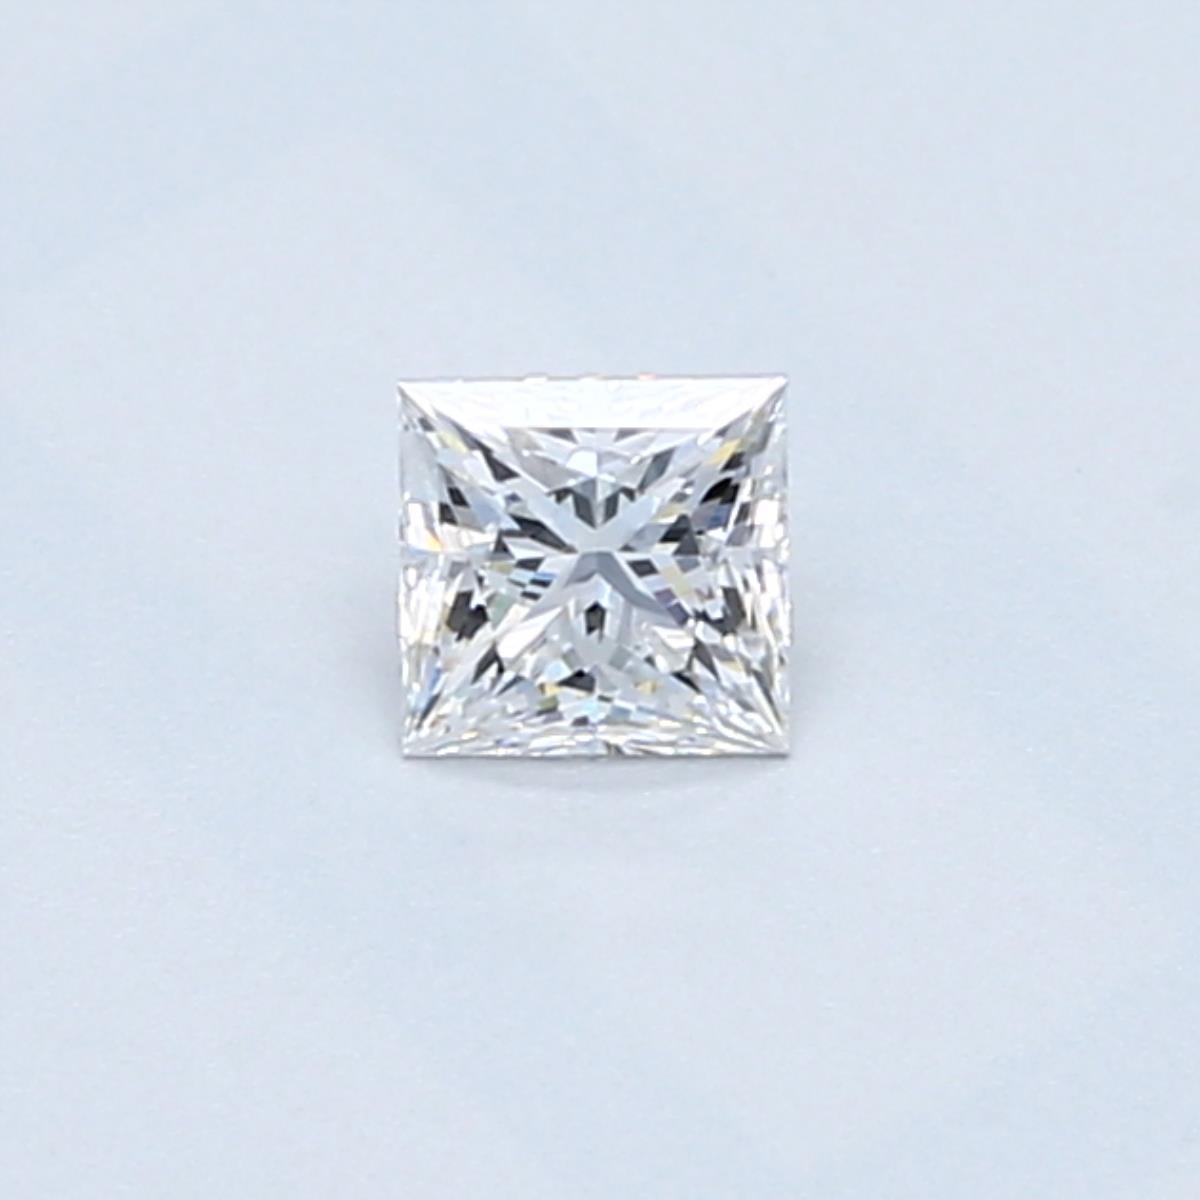 0.28 PR Diamond (G, VS2)